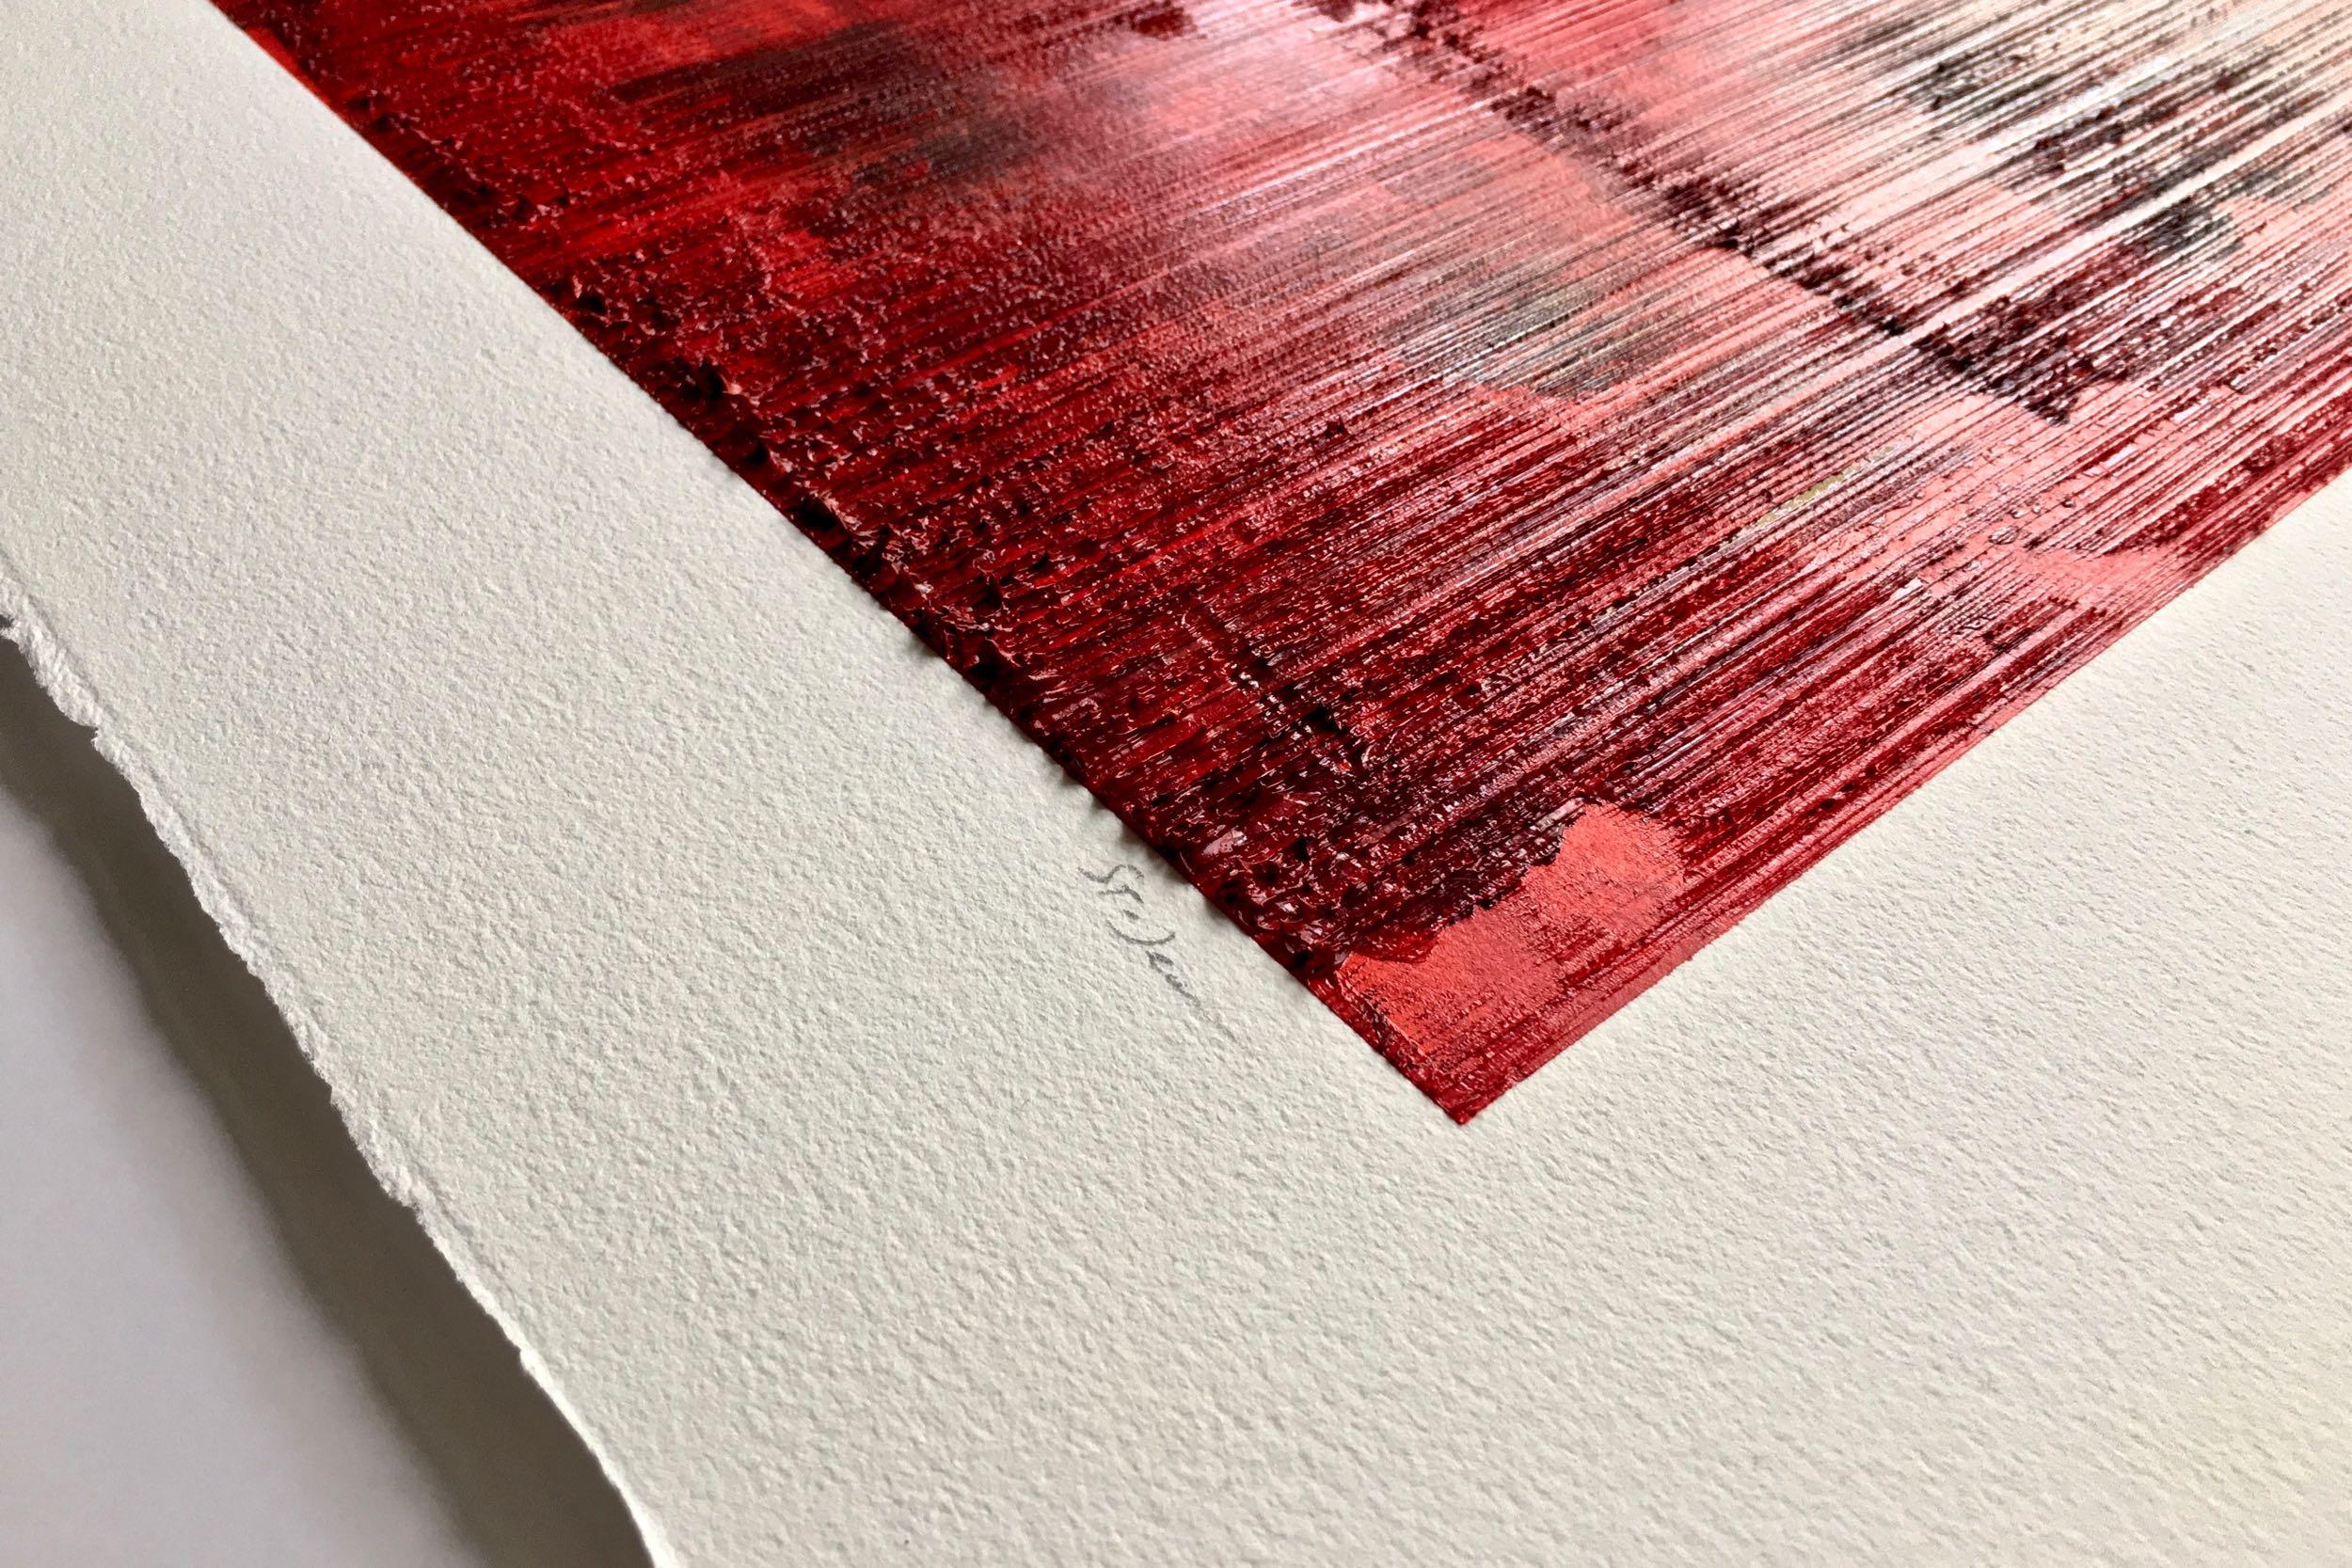 """Aperçu de l'œuvre  Eleven Points (huile sur papier, 22.5"""" x 30""""),qui sera dévoilée lors de l'exposition"""